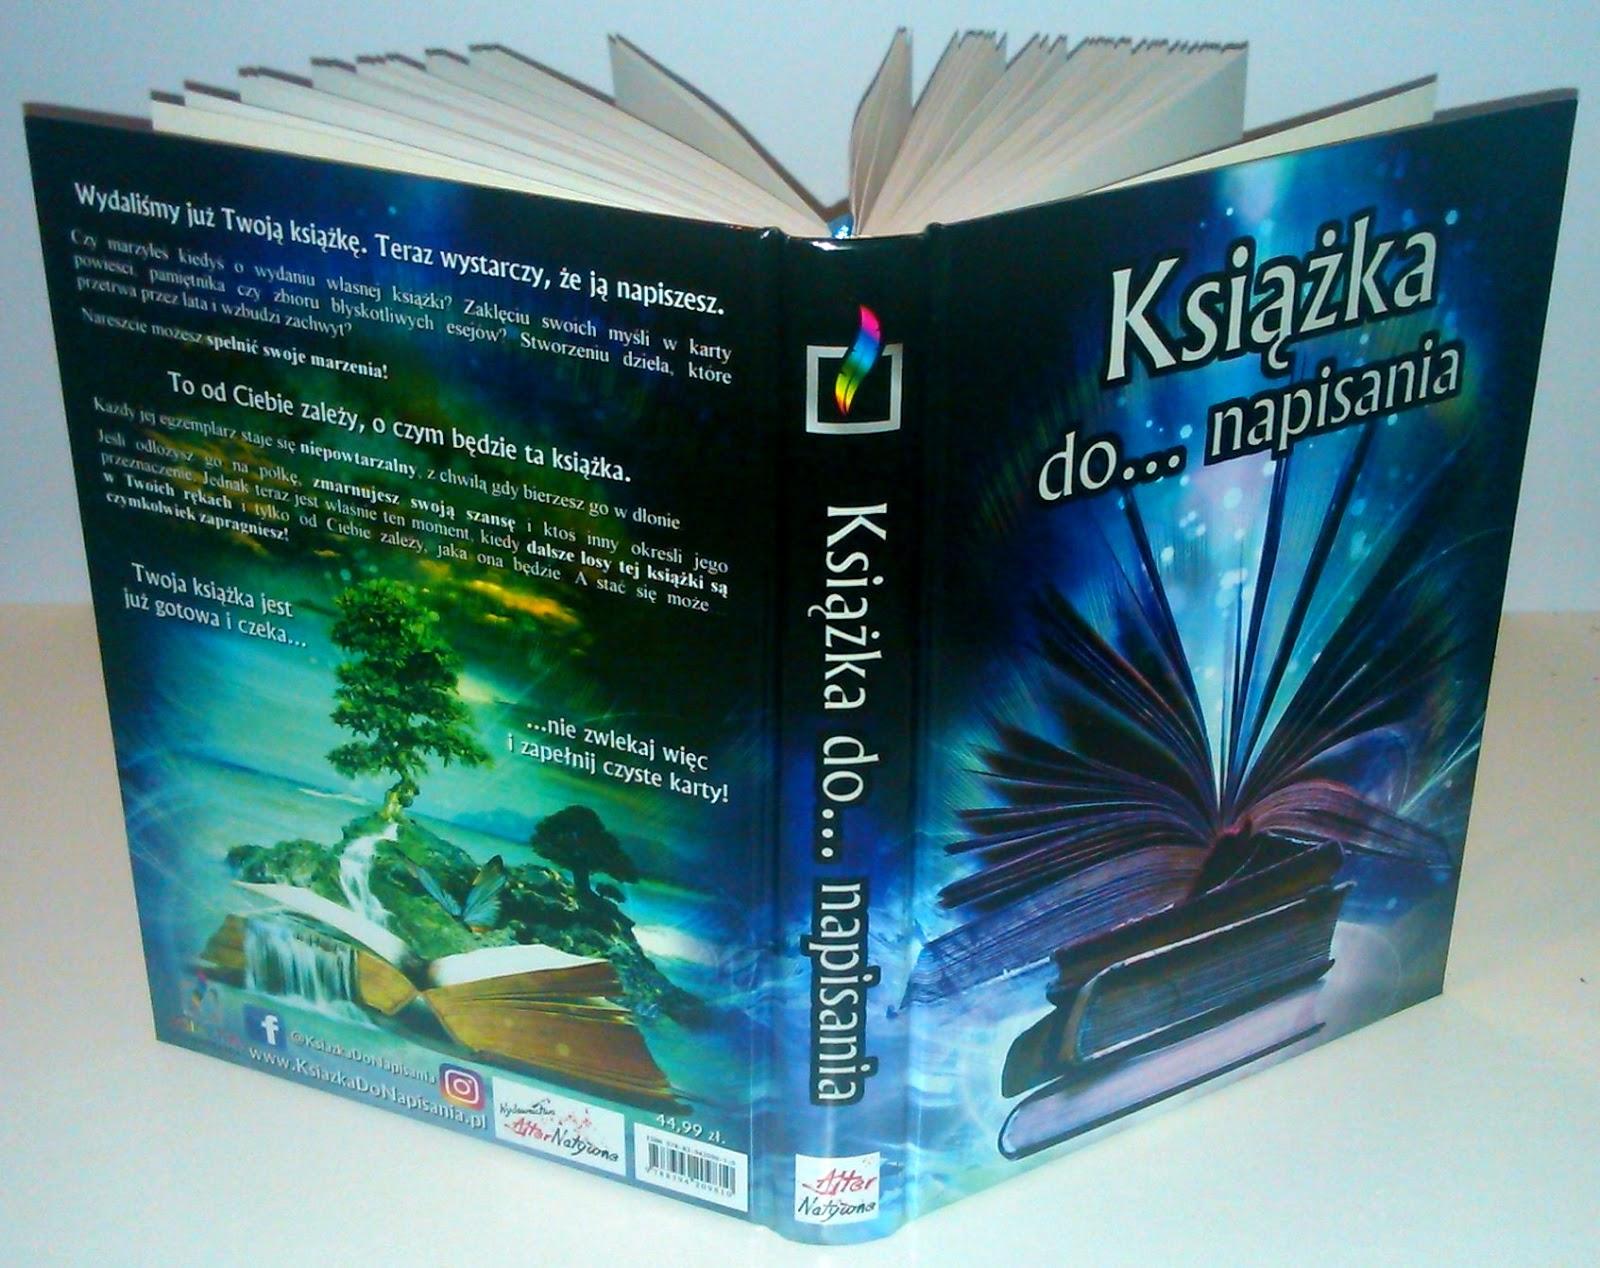 Książka do napisania dla tradycjonalistów zdjęcie galeria